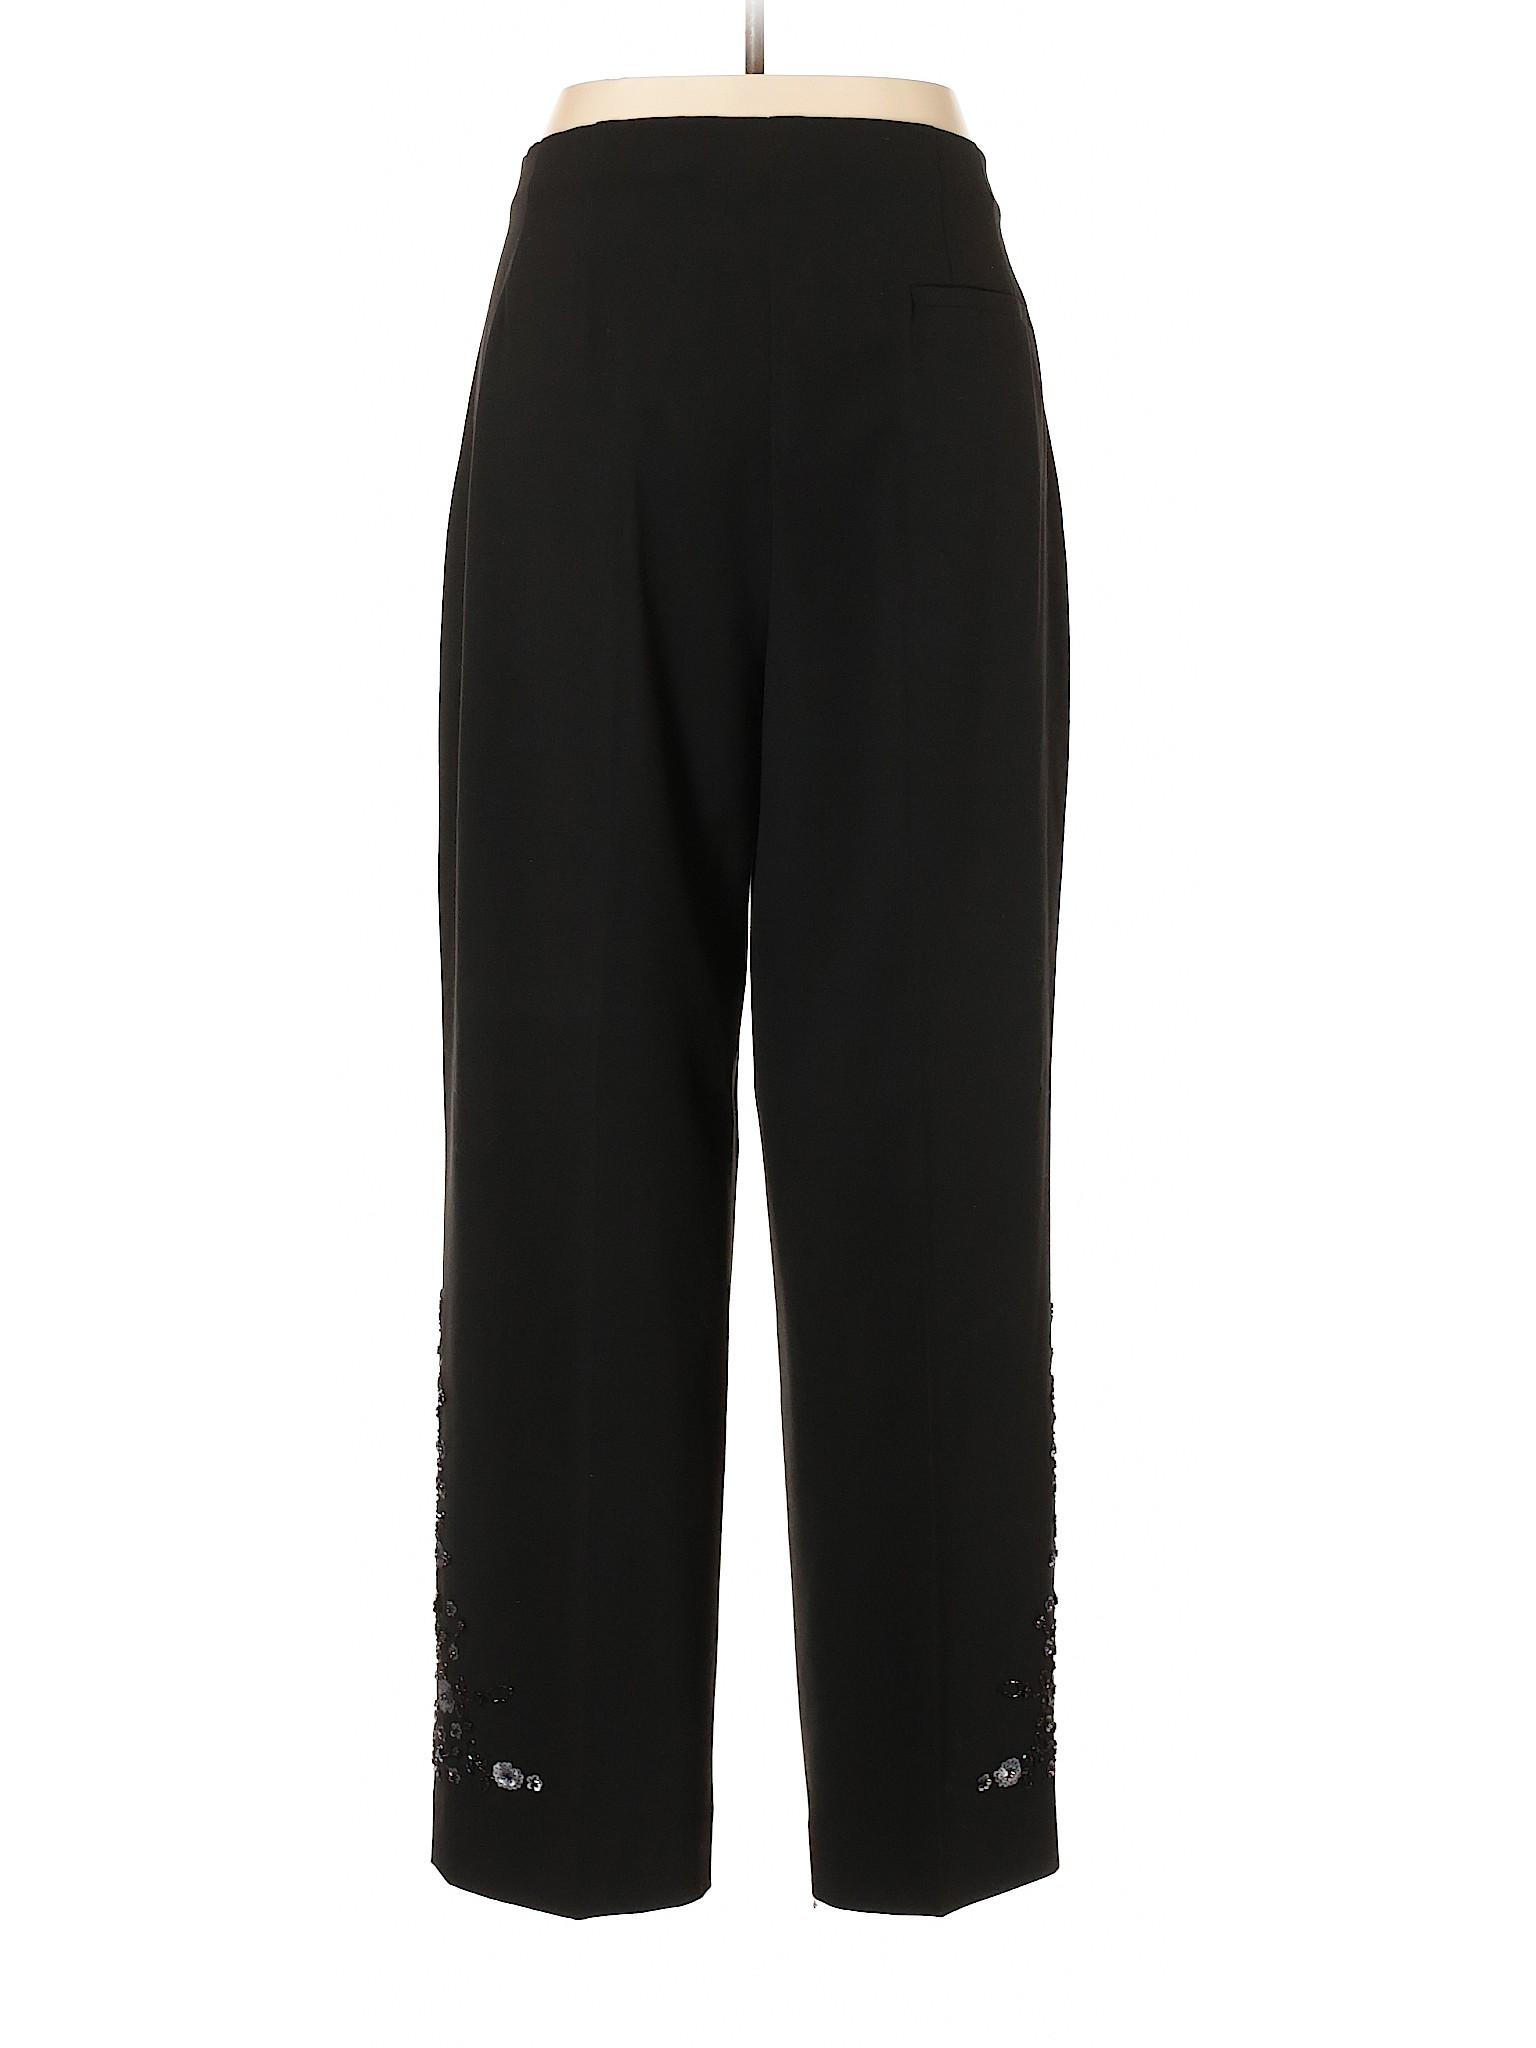 winter Dress Pants Boutique Avenue Boutique winter pEq8x